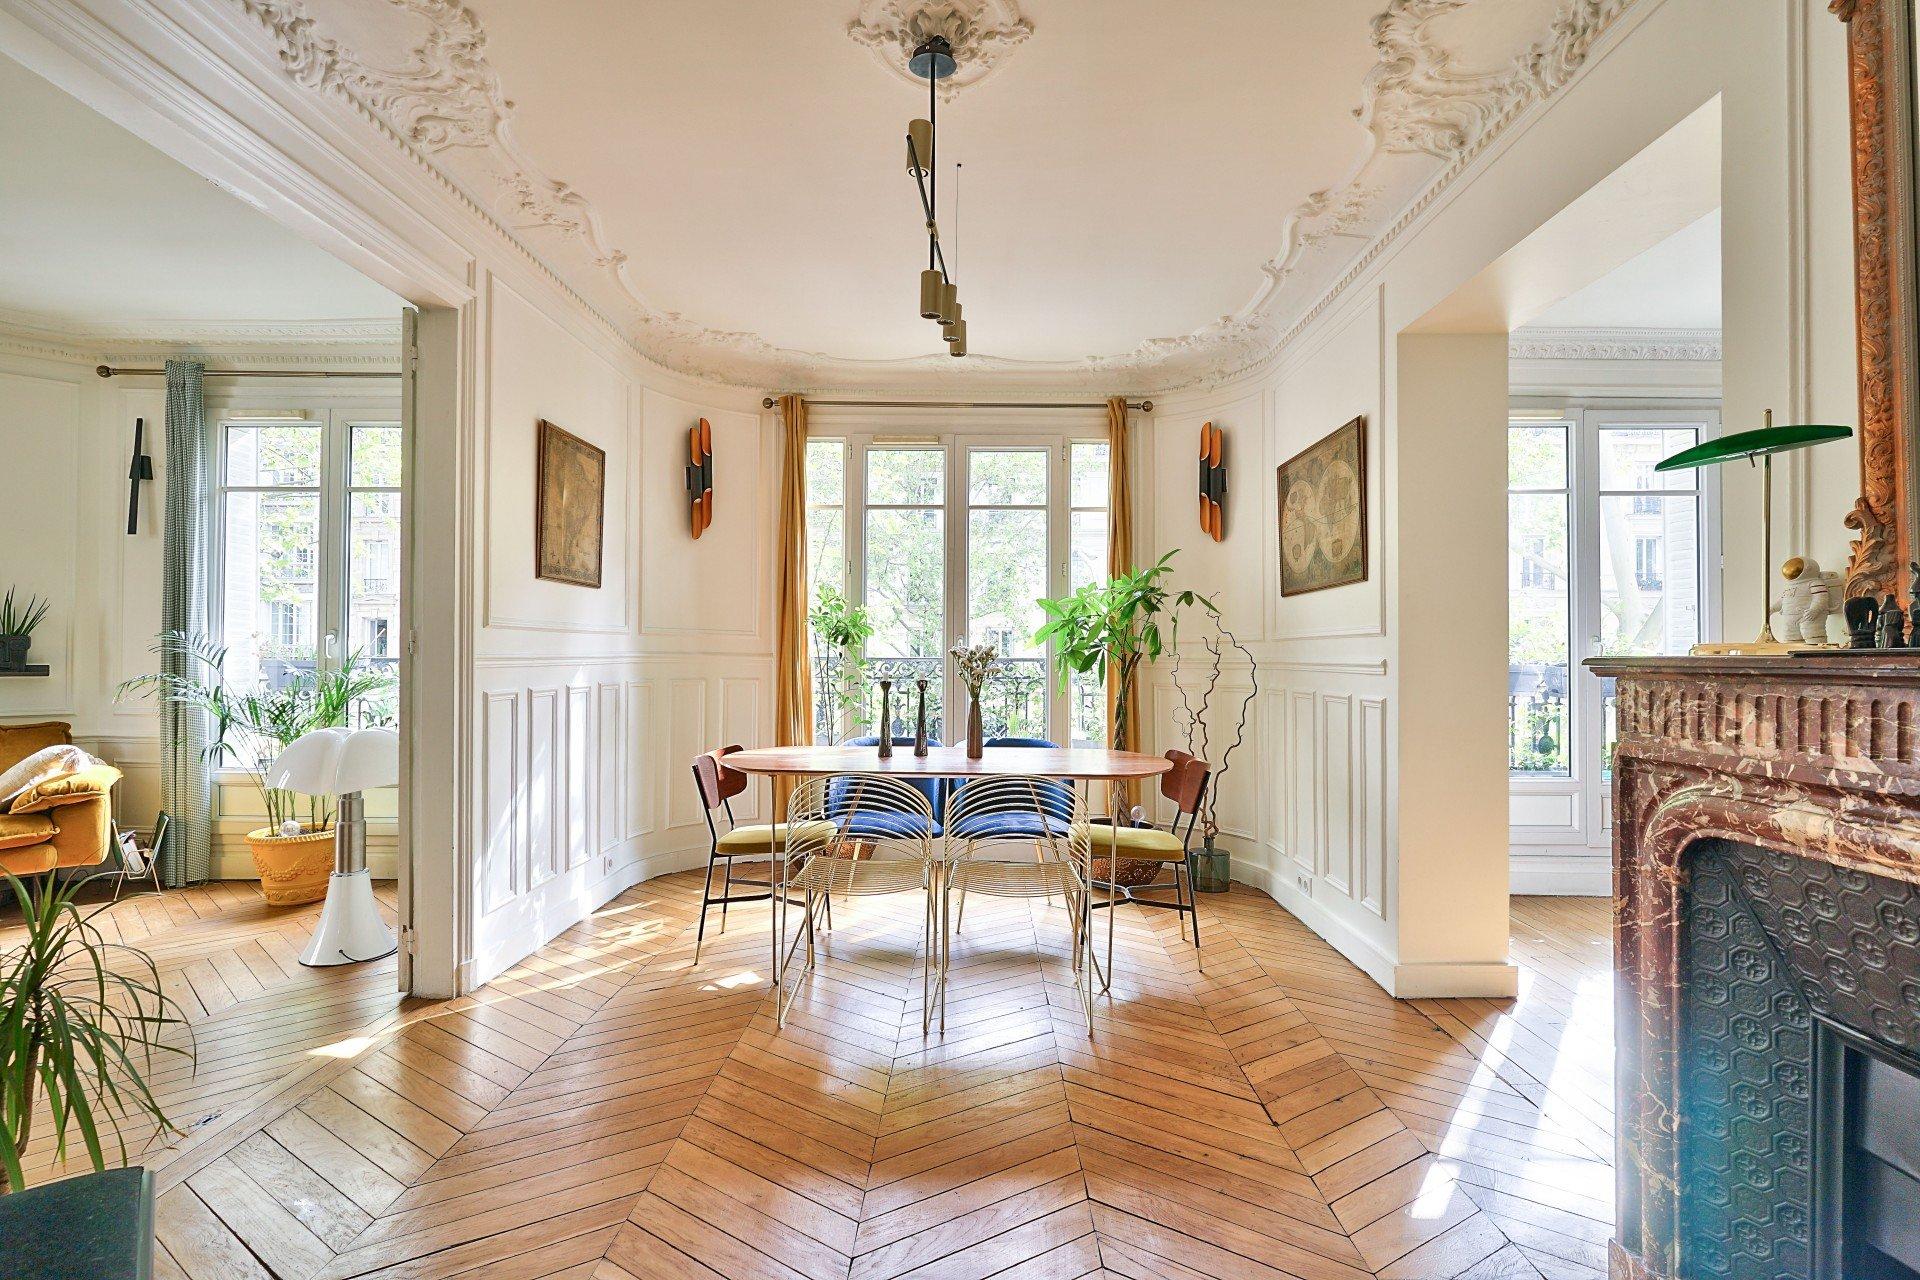 Paris - XVIII ème - VILLA ORNANO - 4 PIÈCES - TRIPLE SÉJOUR - 2 CHAMBRES POSS 3 - BALCONS - SOLEIL - VUE DÉGAGÉE - CACHET MANIFESTE - REFAIT À NEUF PAR ARCHITECTE DE RENOM.